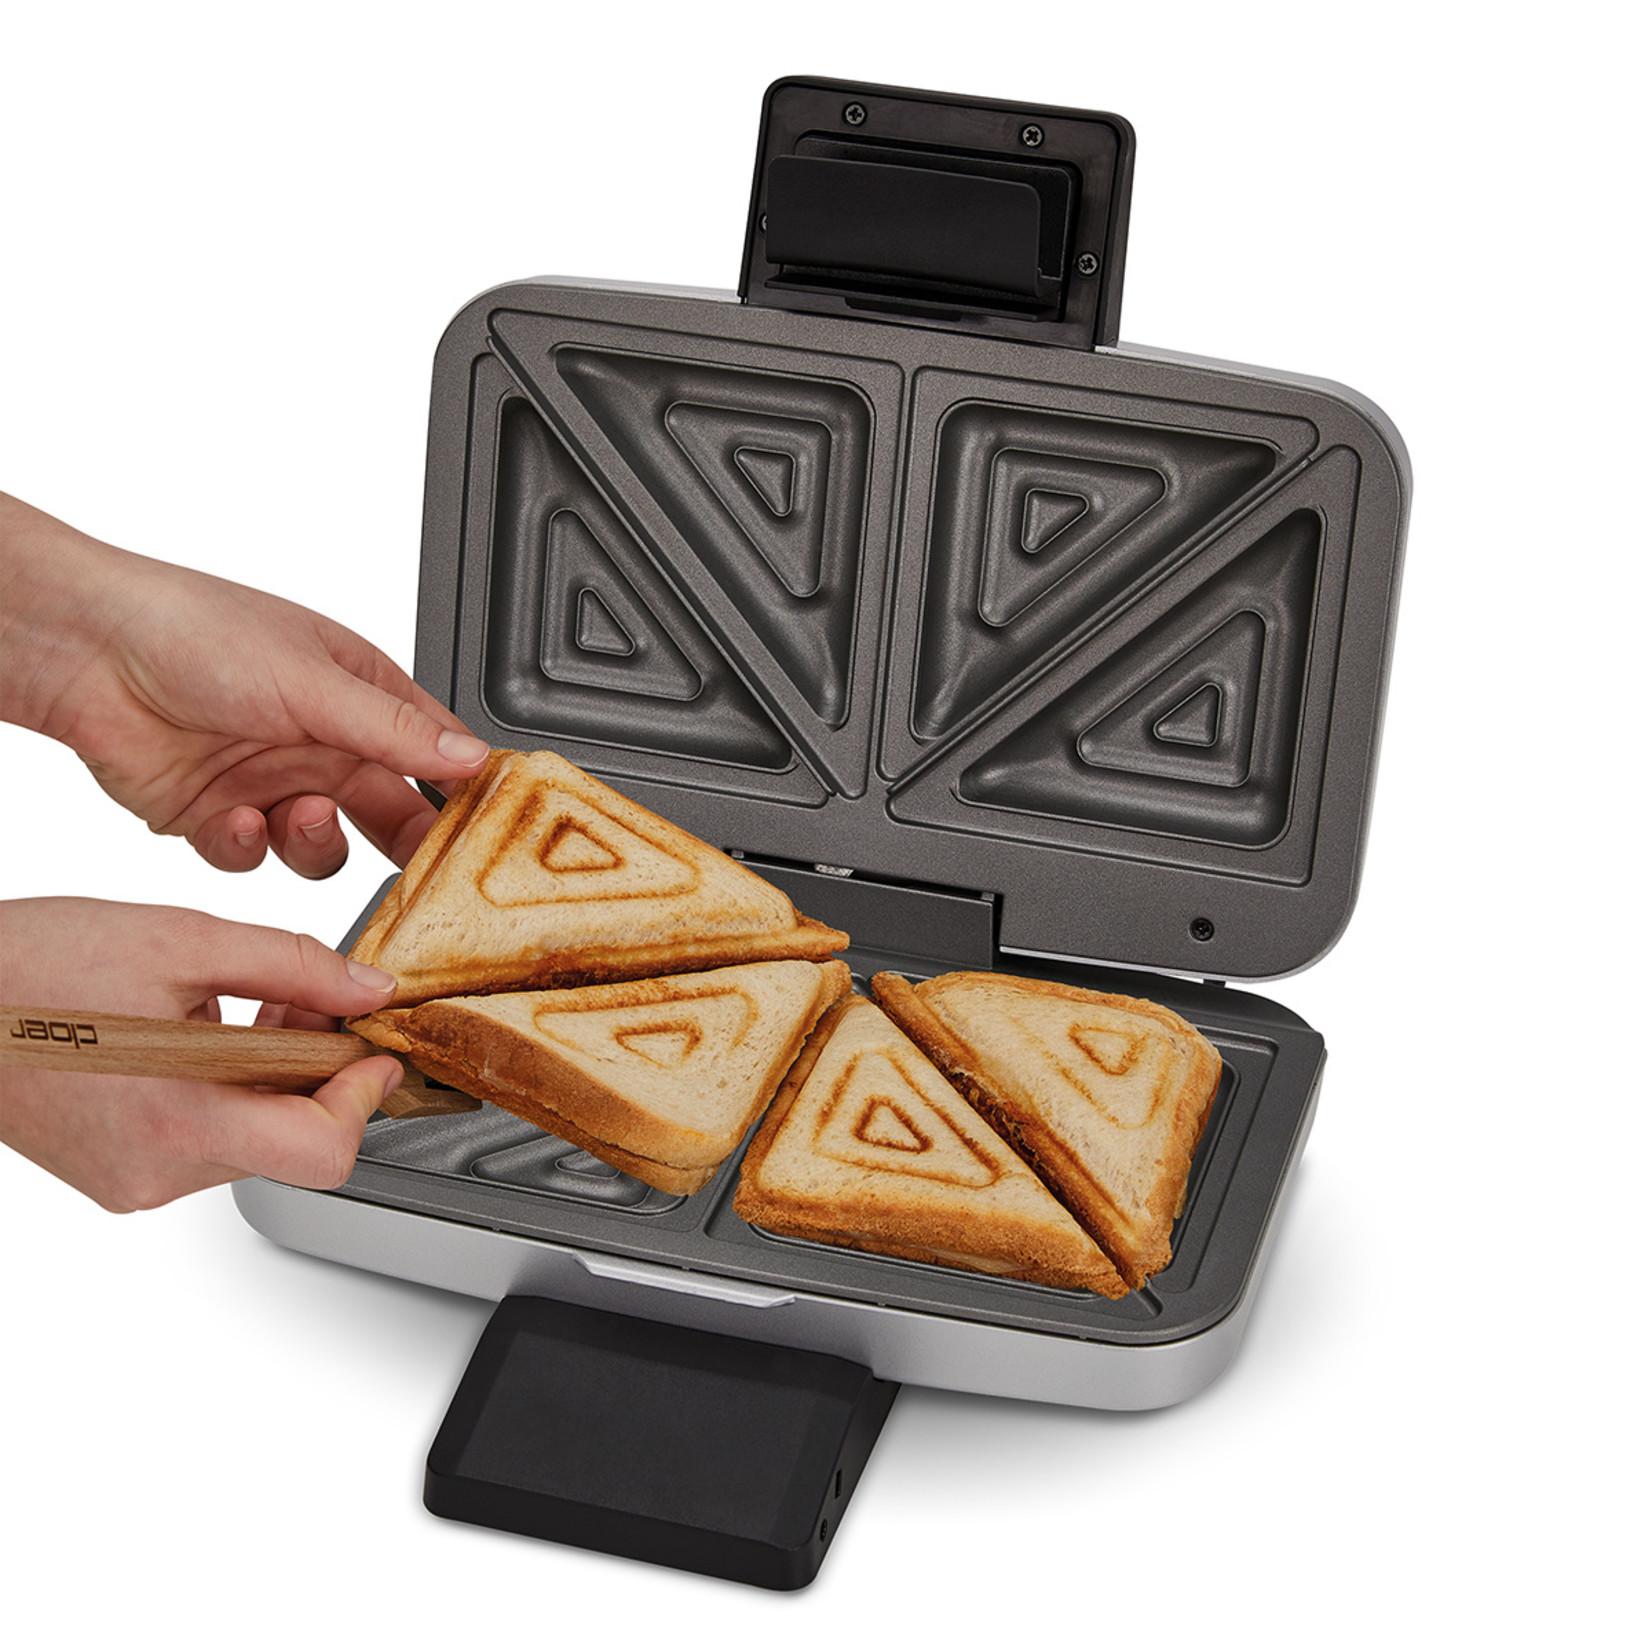 Cloer Cloer sandwichmaker